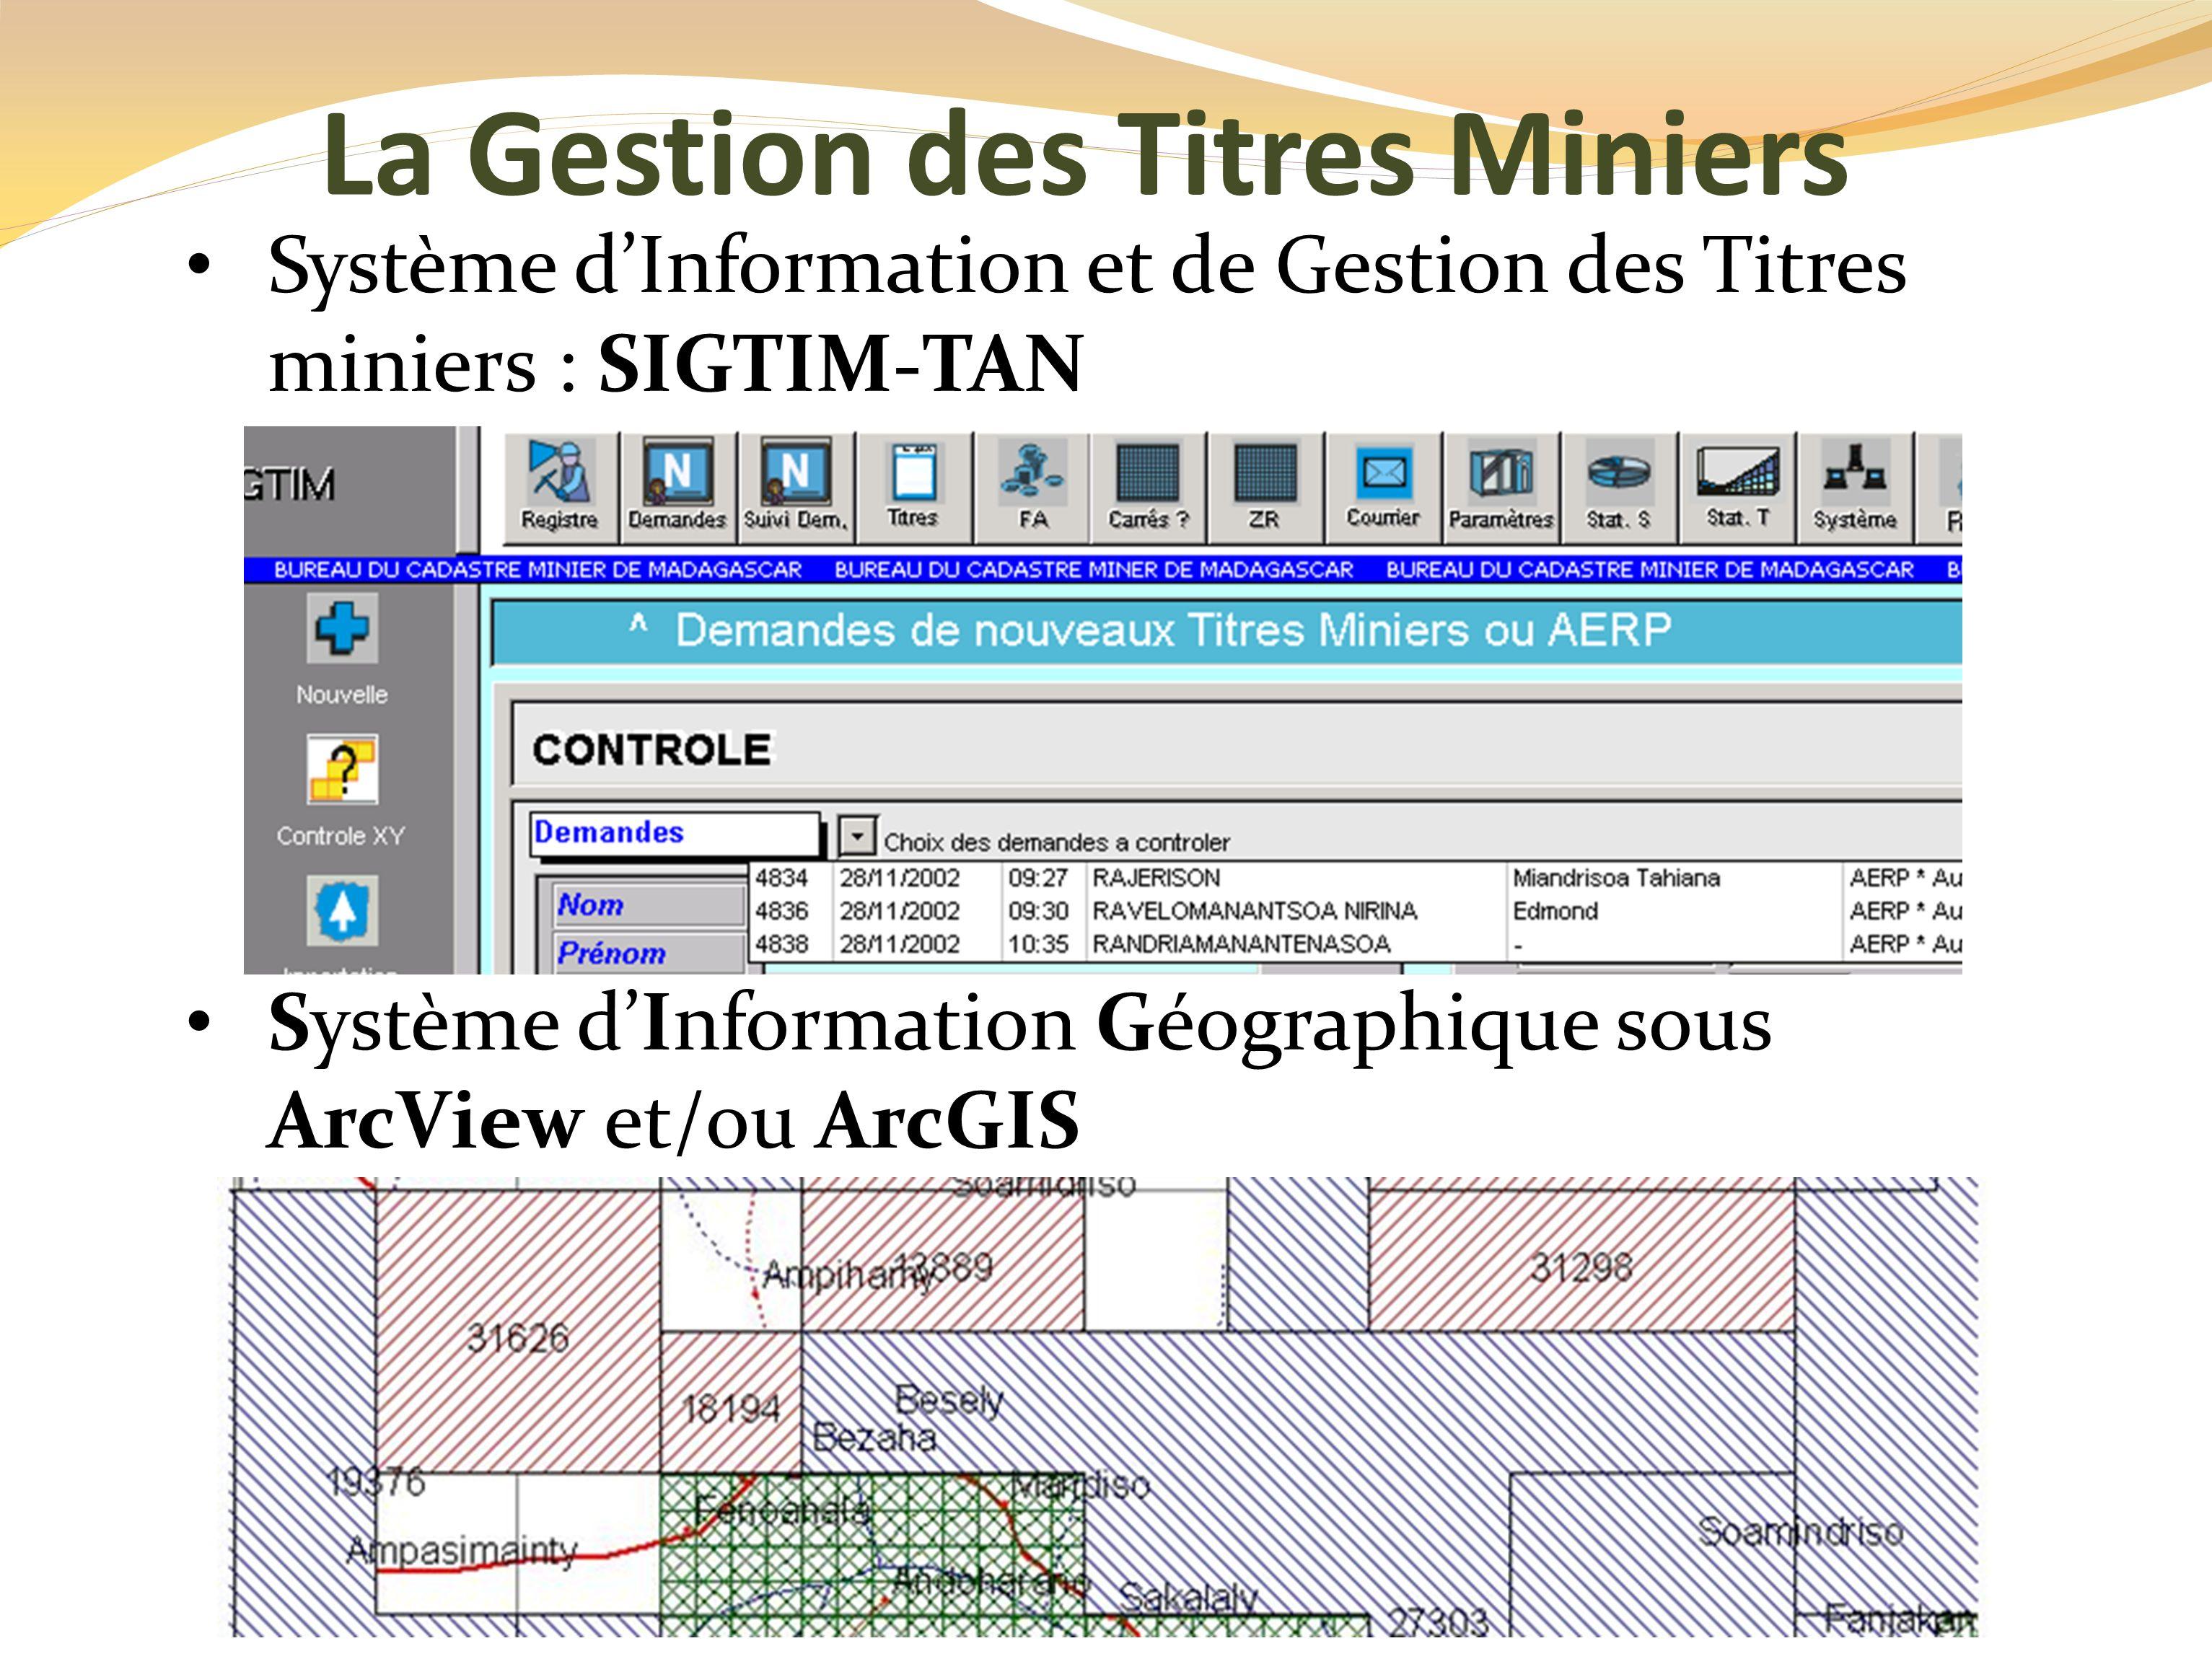 La Gestion des Titres Miniers Système dInformation et de Gestion des Titres miniers : SIGTIM-TAN Système dInformation Géographique sous ArcView et/ou ArcGIS